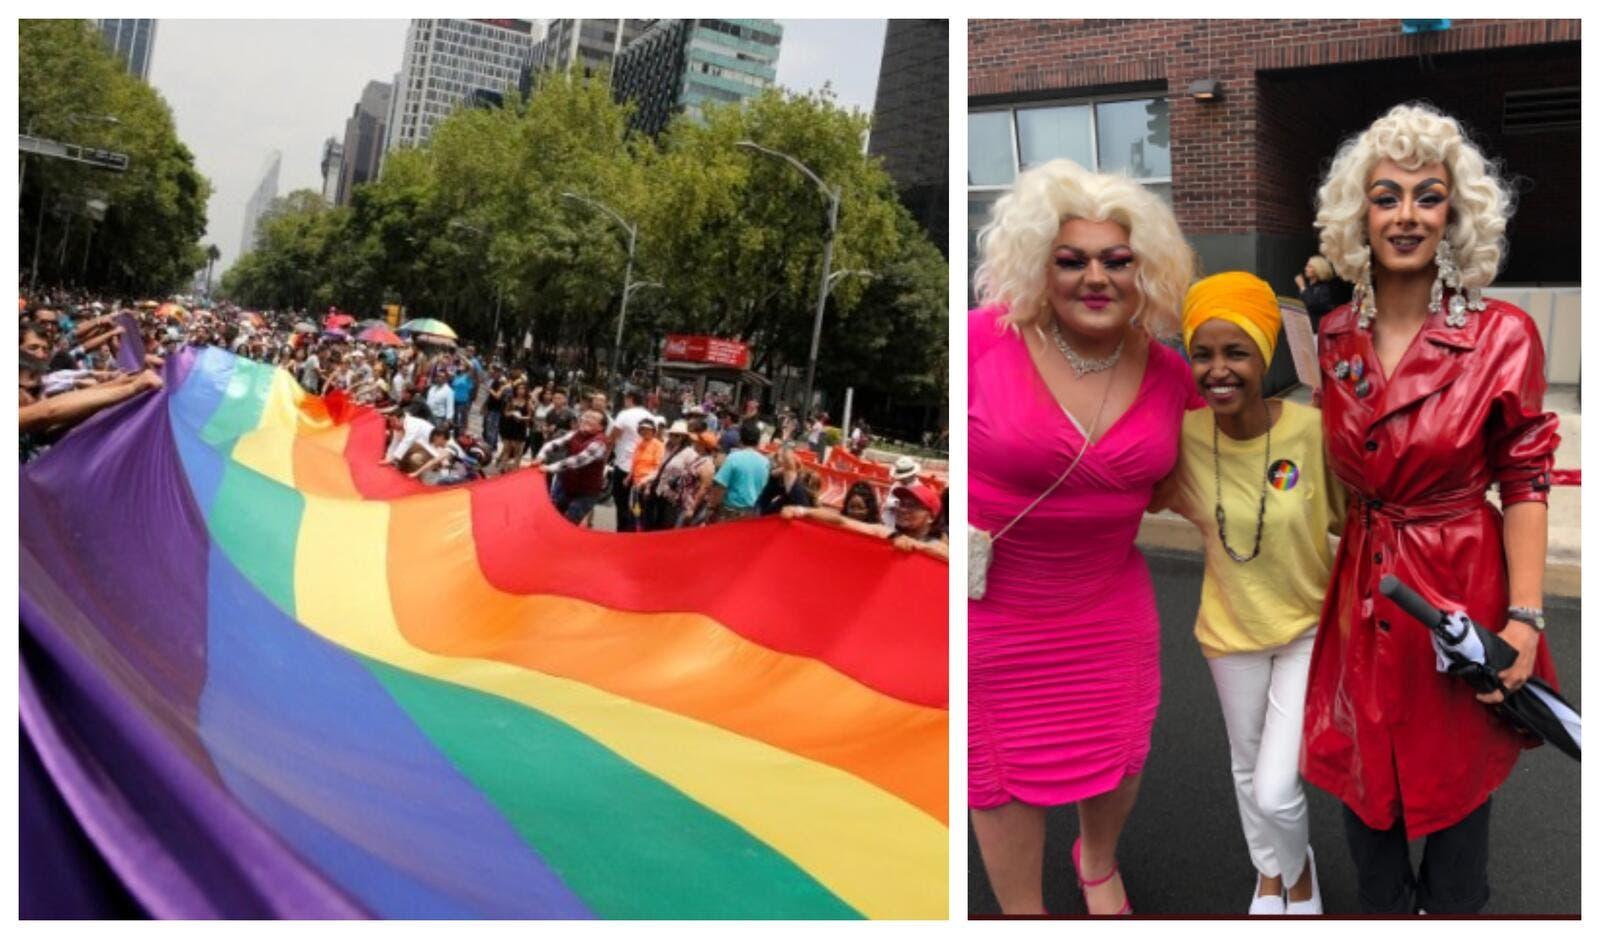 عاصفة انتقادات تلاحق أول عضوة مُسلمة في الكونجرس بعد رقصها مع مثليين